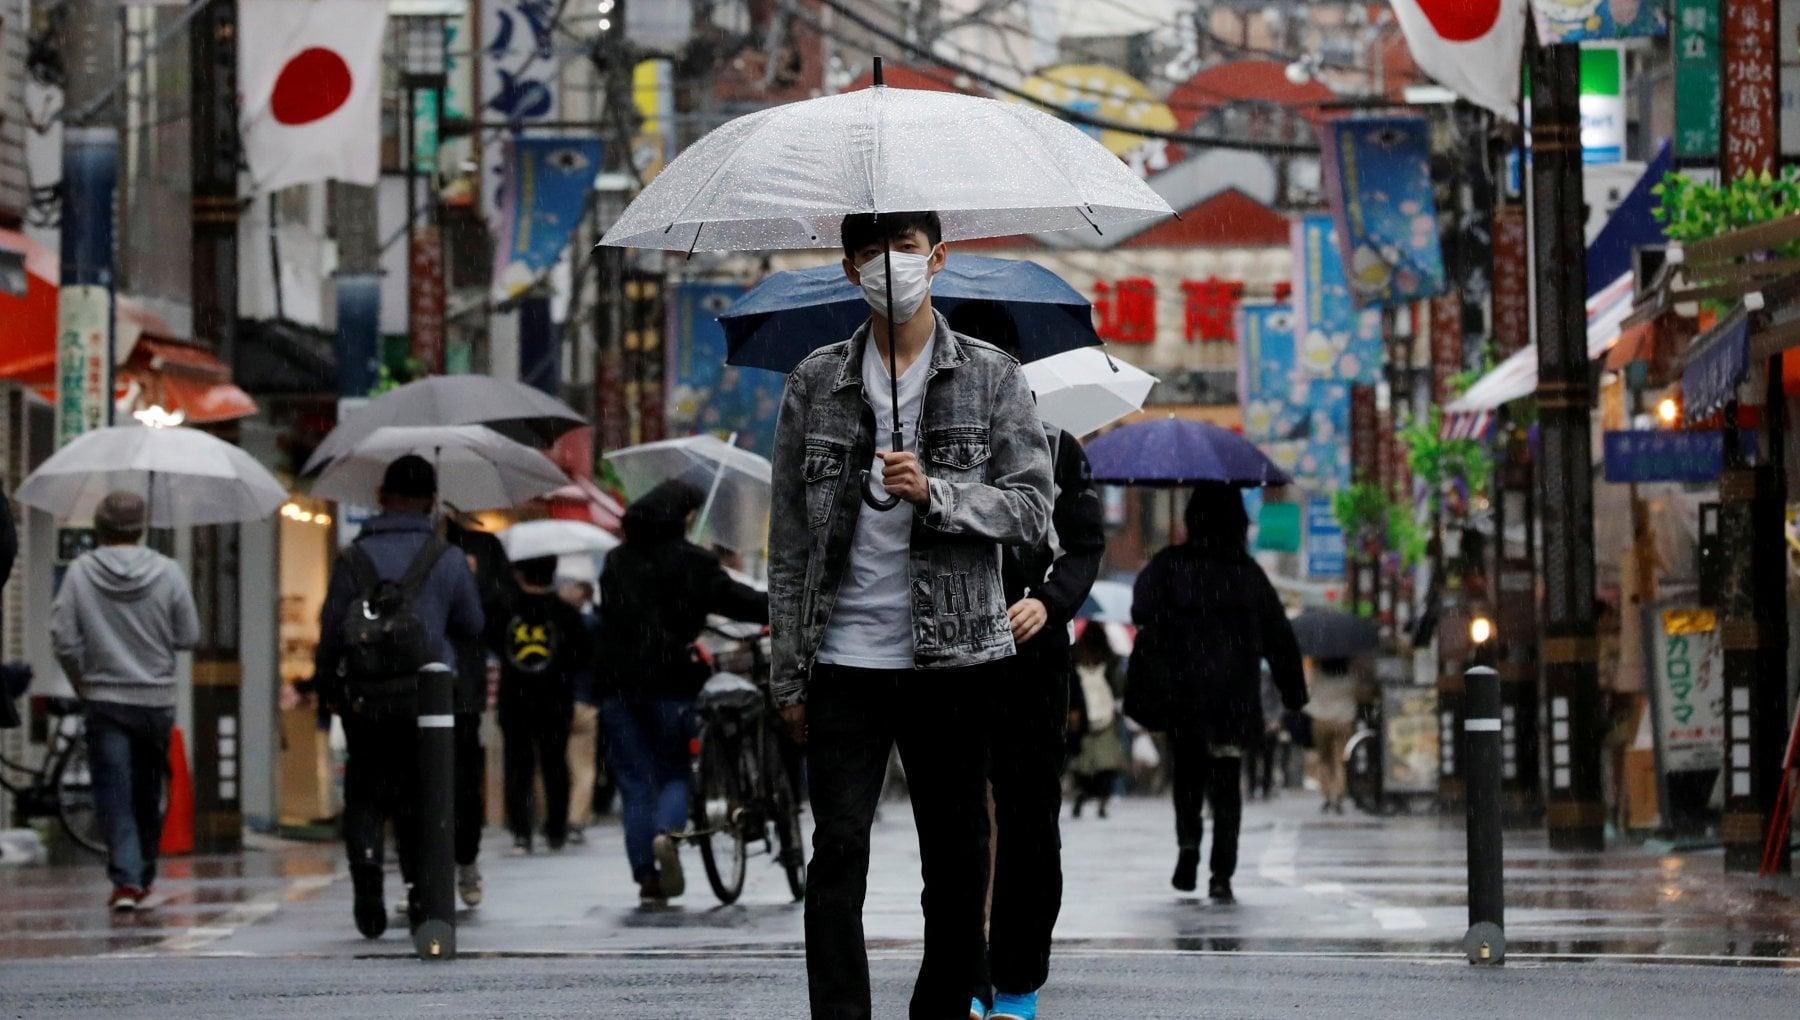 172949794 fd9d6ccd ed6b 4928 823d 108743c0f6f2 - Asia, dal Giappone all'Indonesia i contagi aumentano: la variante Delta fa paura